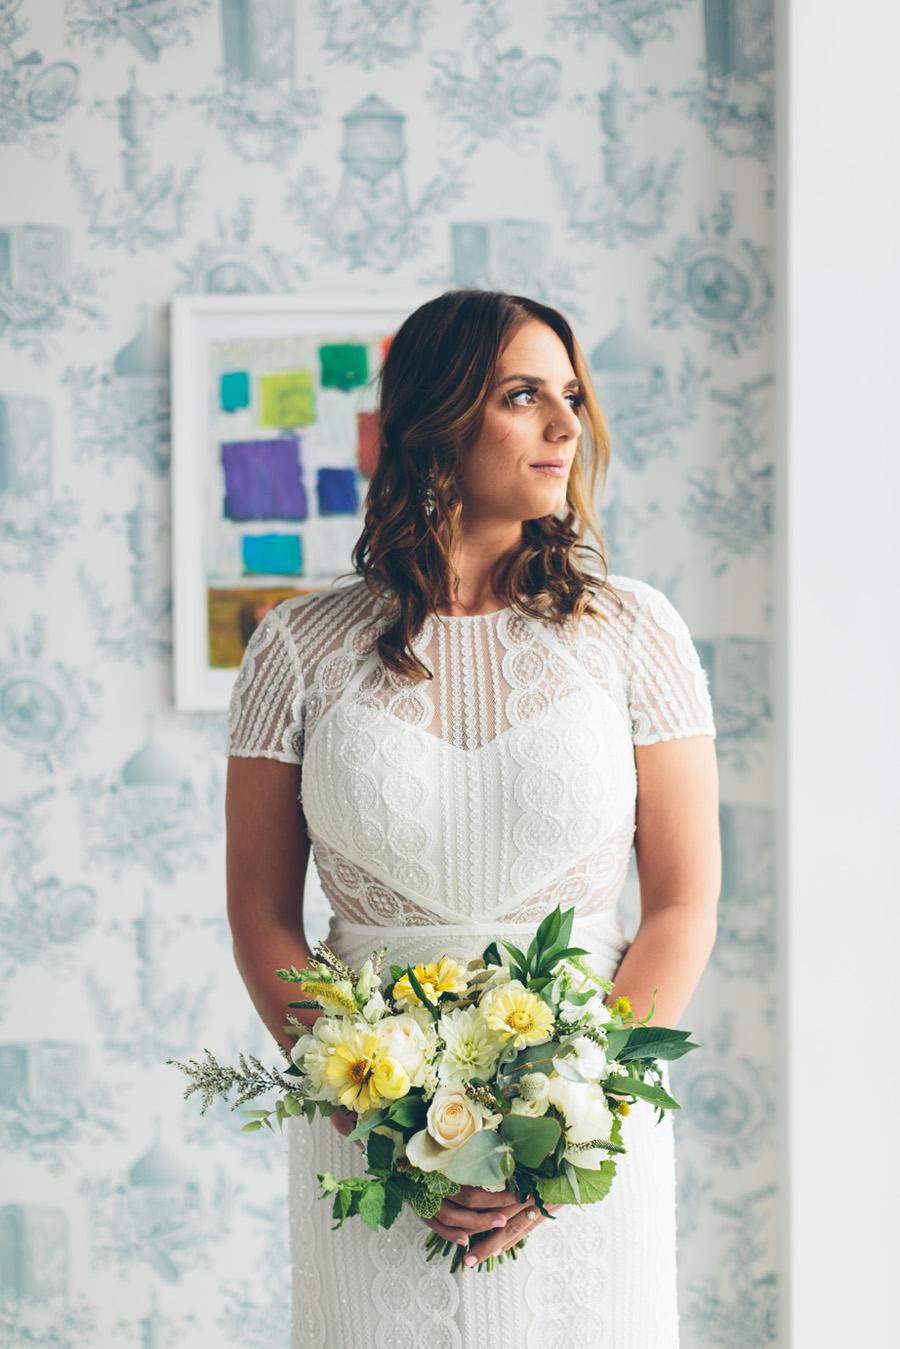 ROSE-BENNETT-NYC-WEDDING-BROOKLYN-BRIDEPREP-CYNTHIACHUNG-0303.jpg